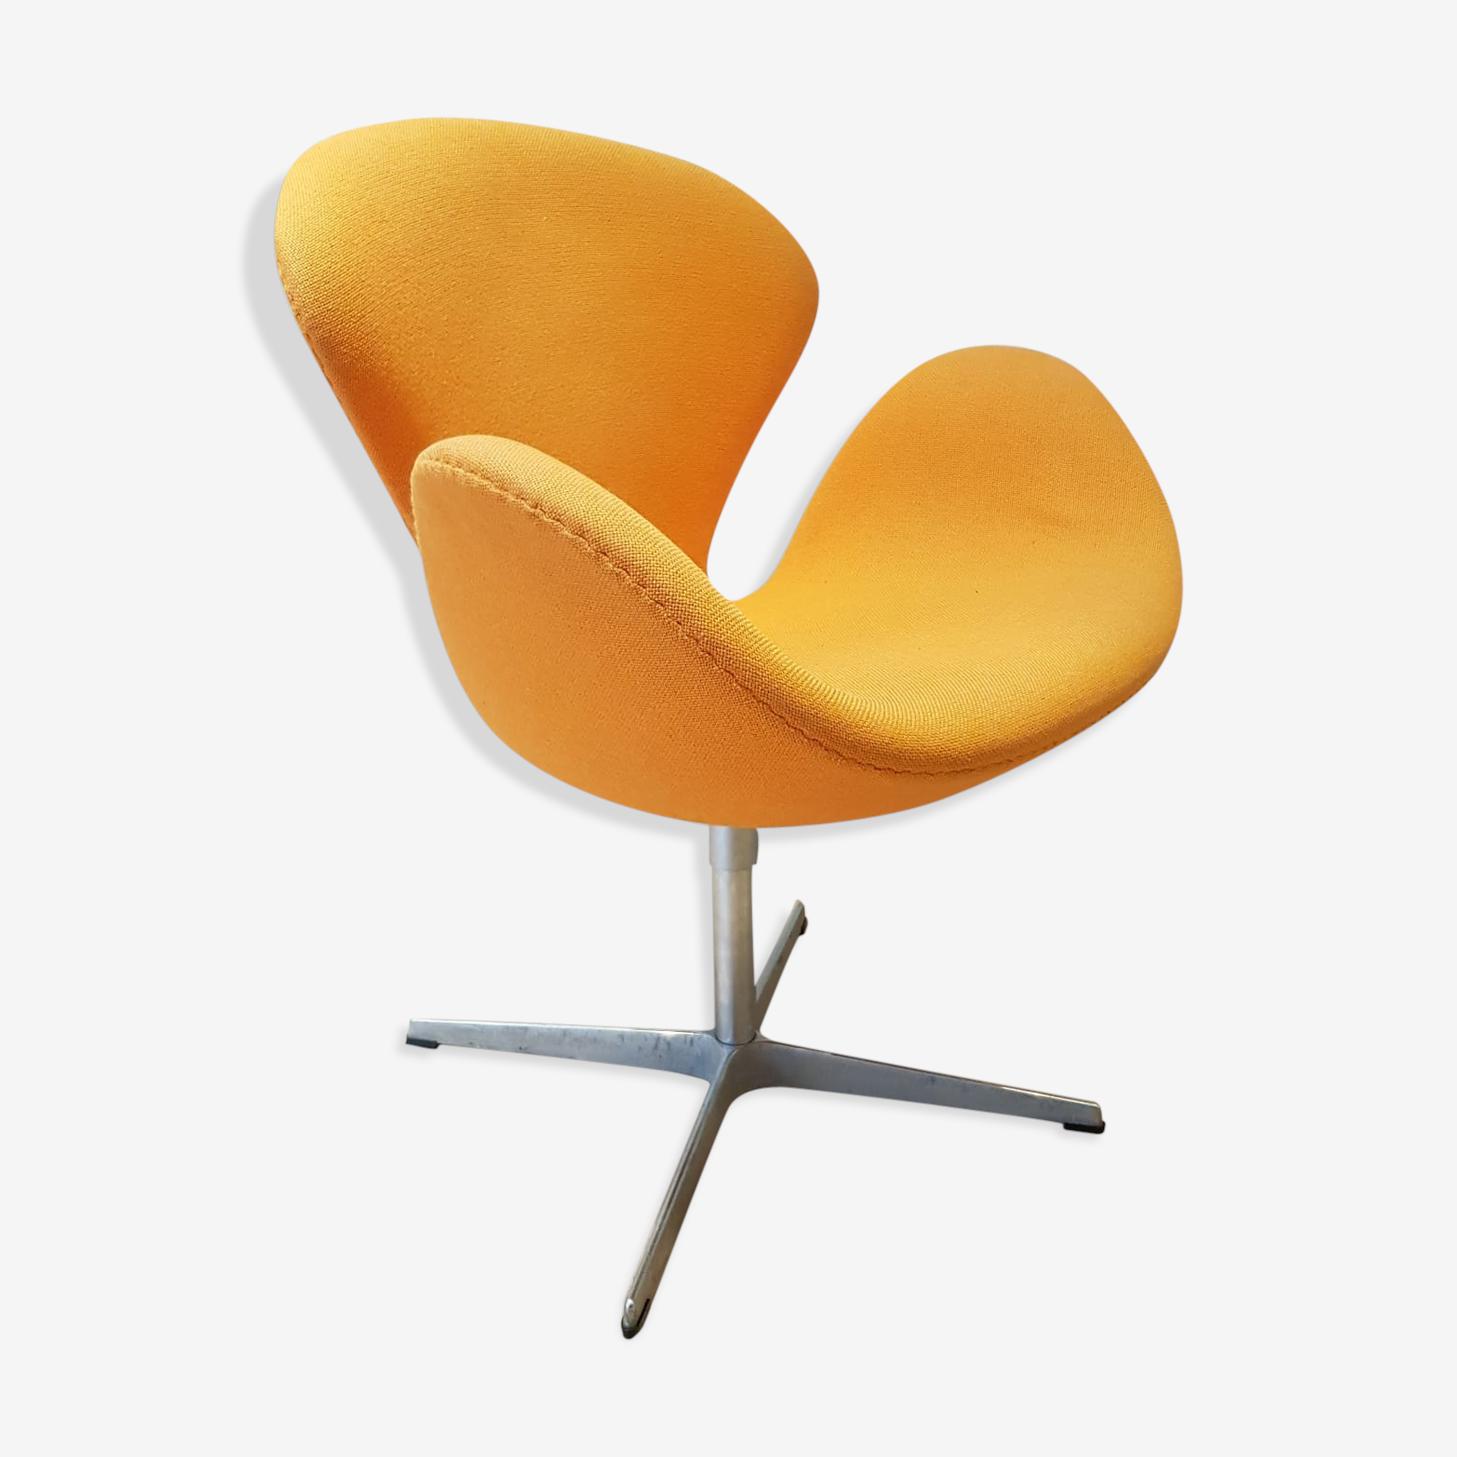 Fauteuil Swan orange par Arne Jacobsen pour Fritz Hansen, Danemark